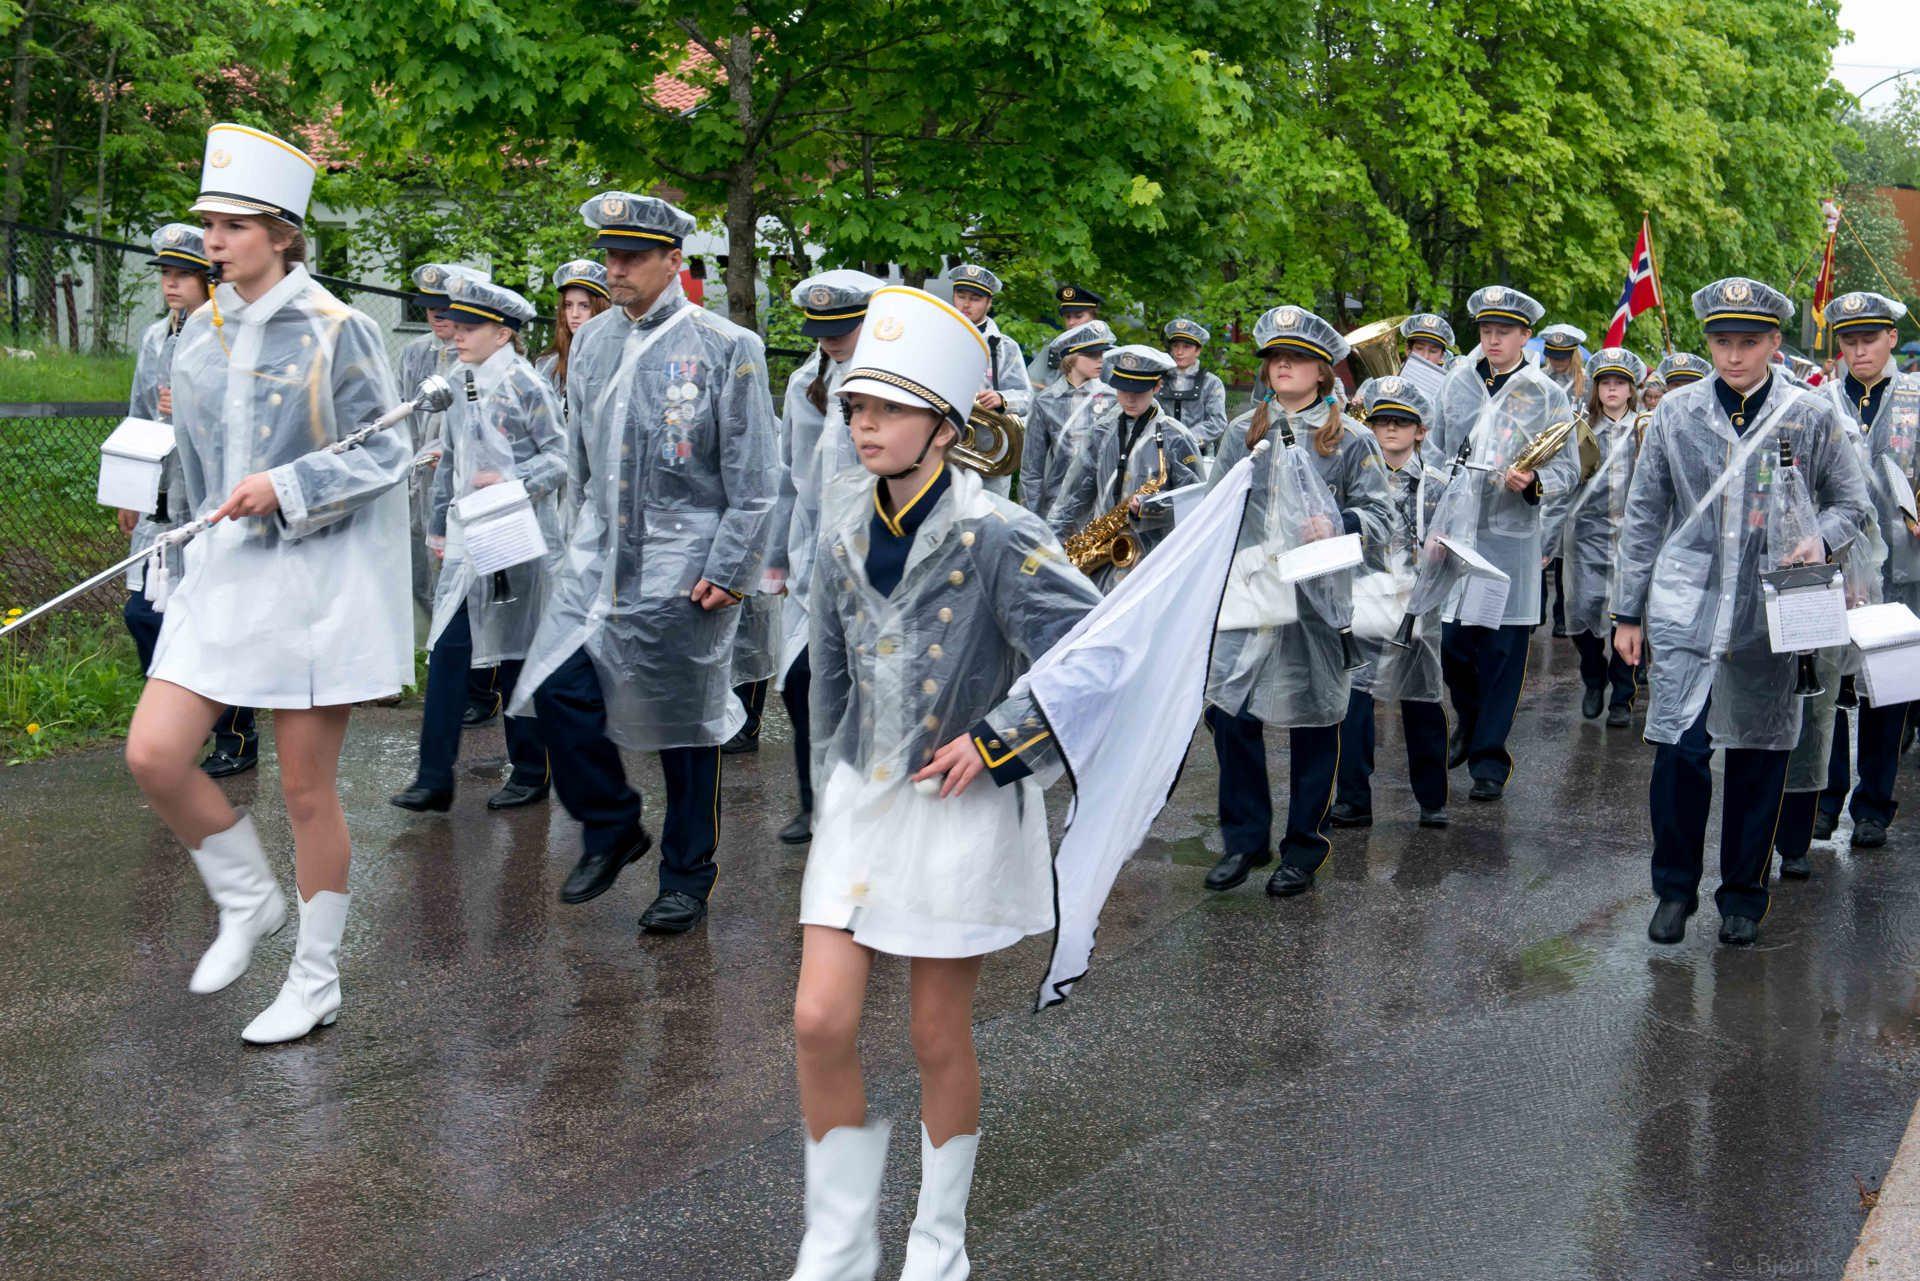 20130602-Korpsstevne Manglerud 2013-06-02 032.jpg